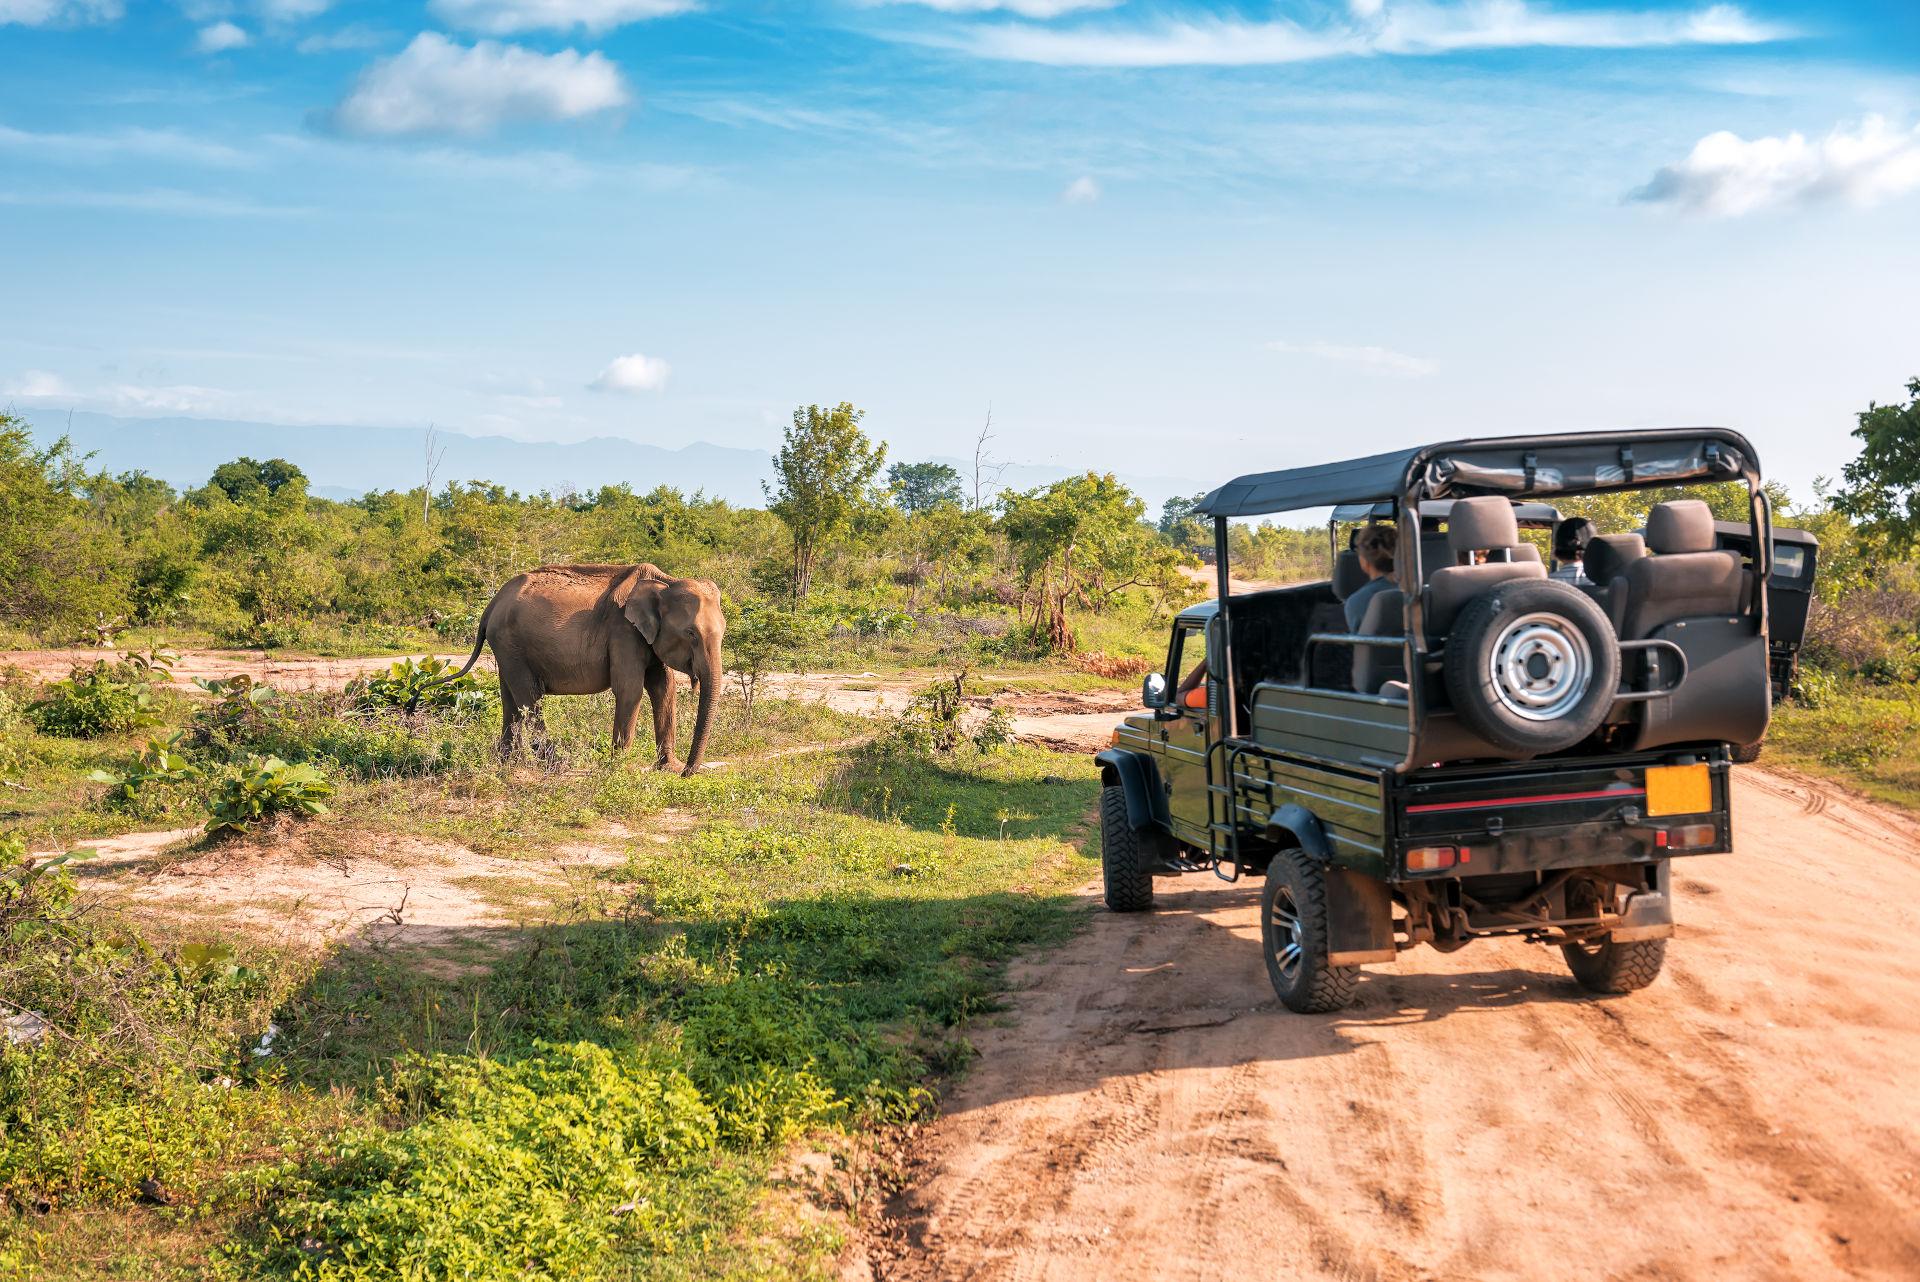 randki romantyczne w Kenii